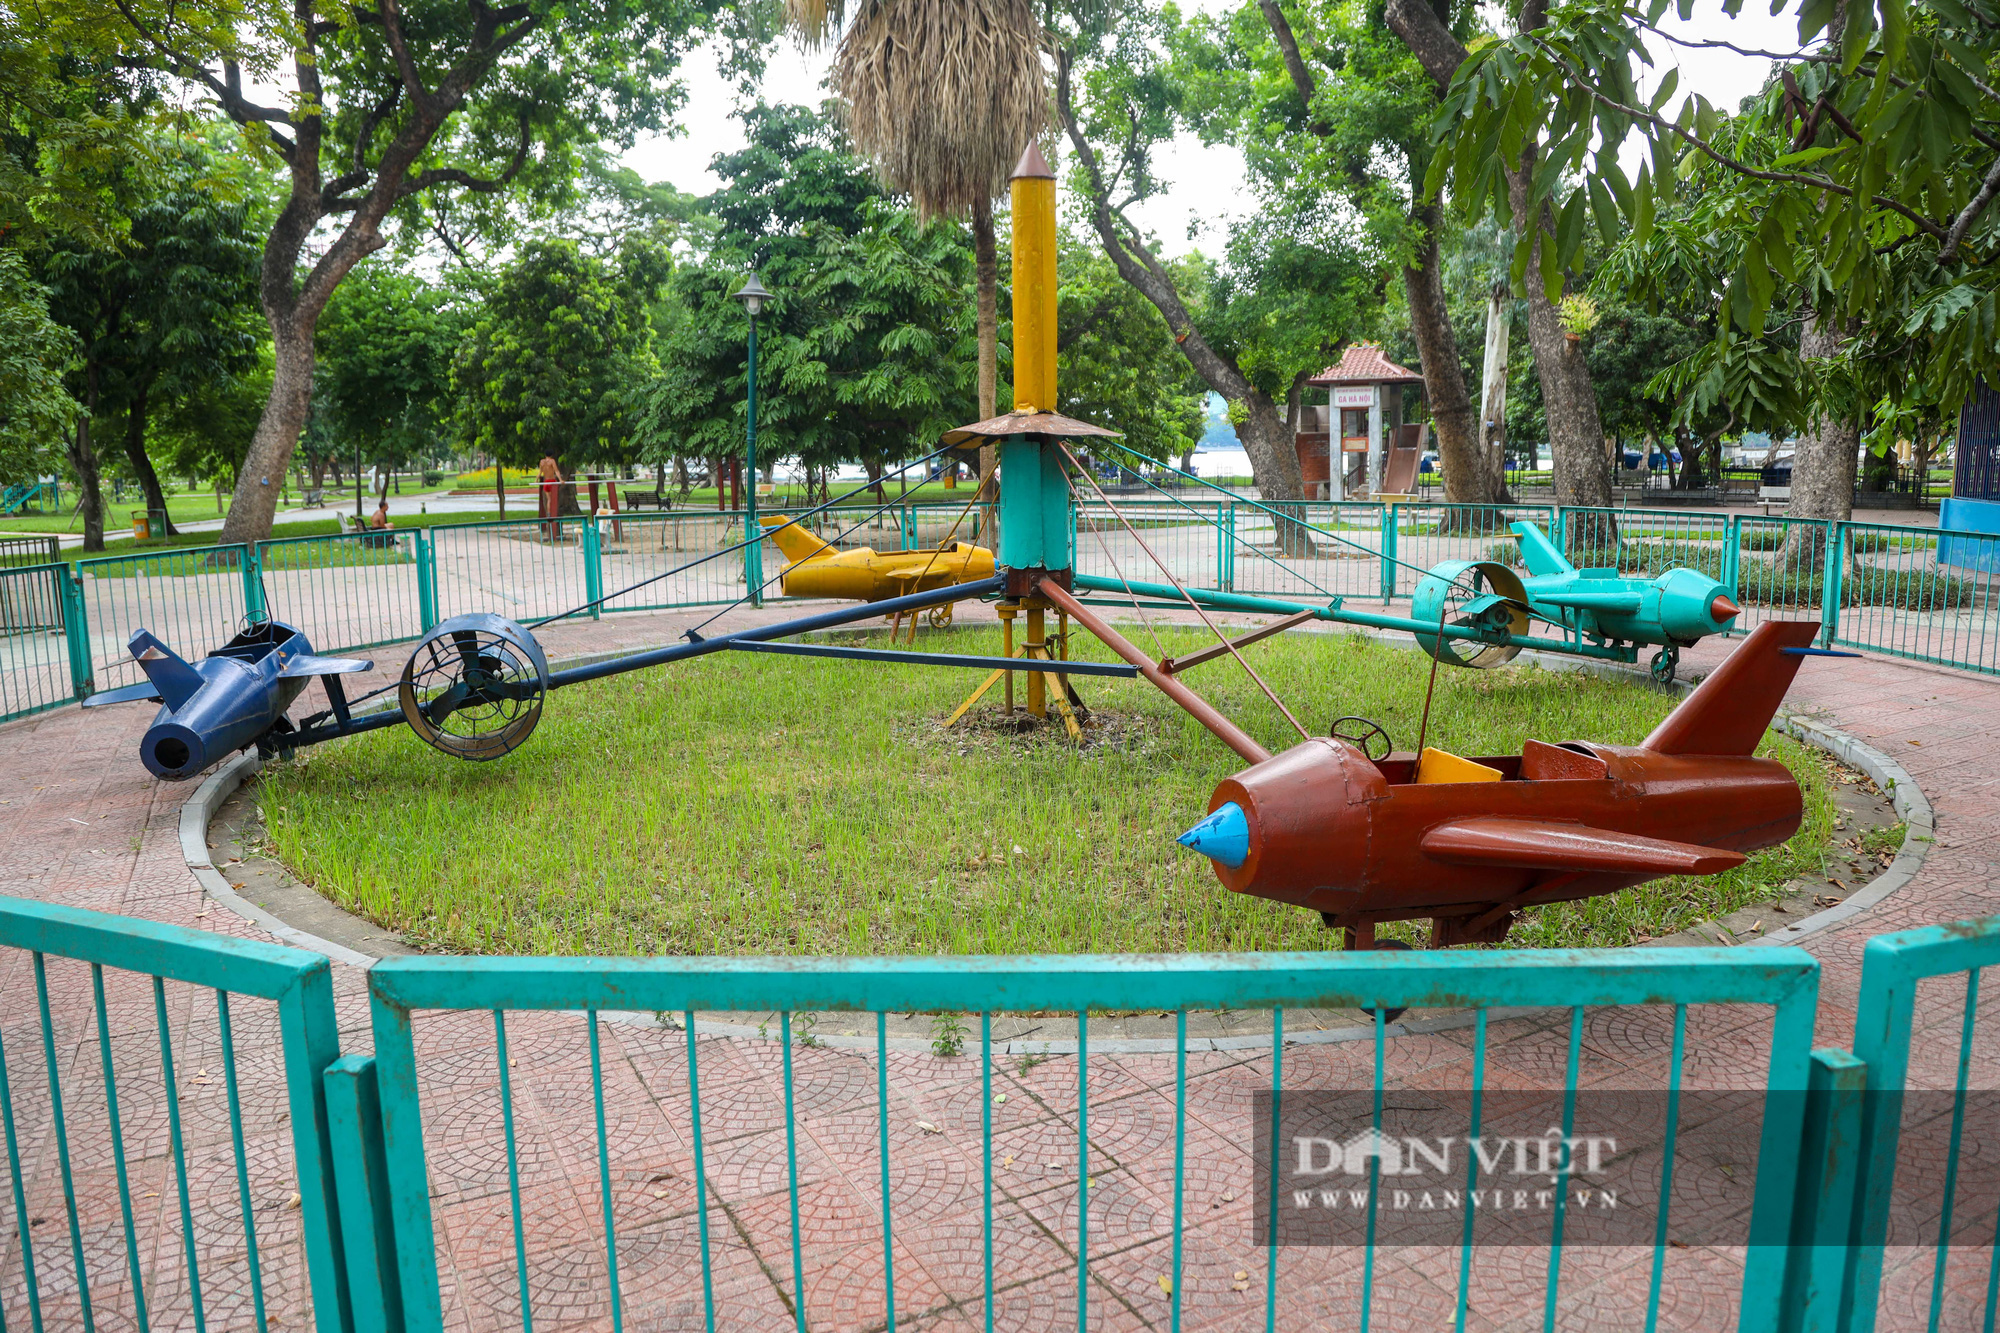 Hà Nội: Nhiều trò chơi trong công viên Thống Nhất ế ẩm, xuống cấp - Ảnh 14.